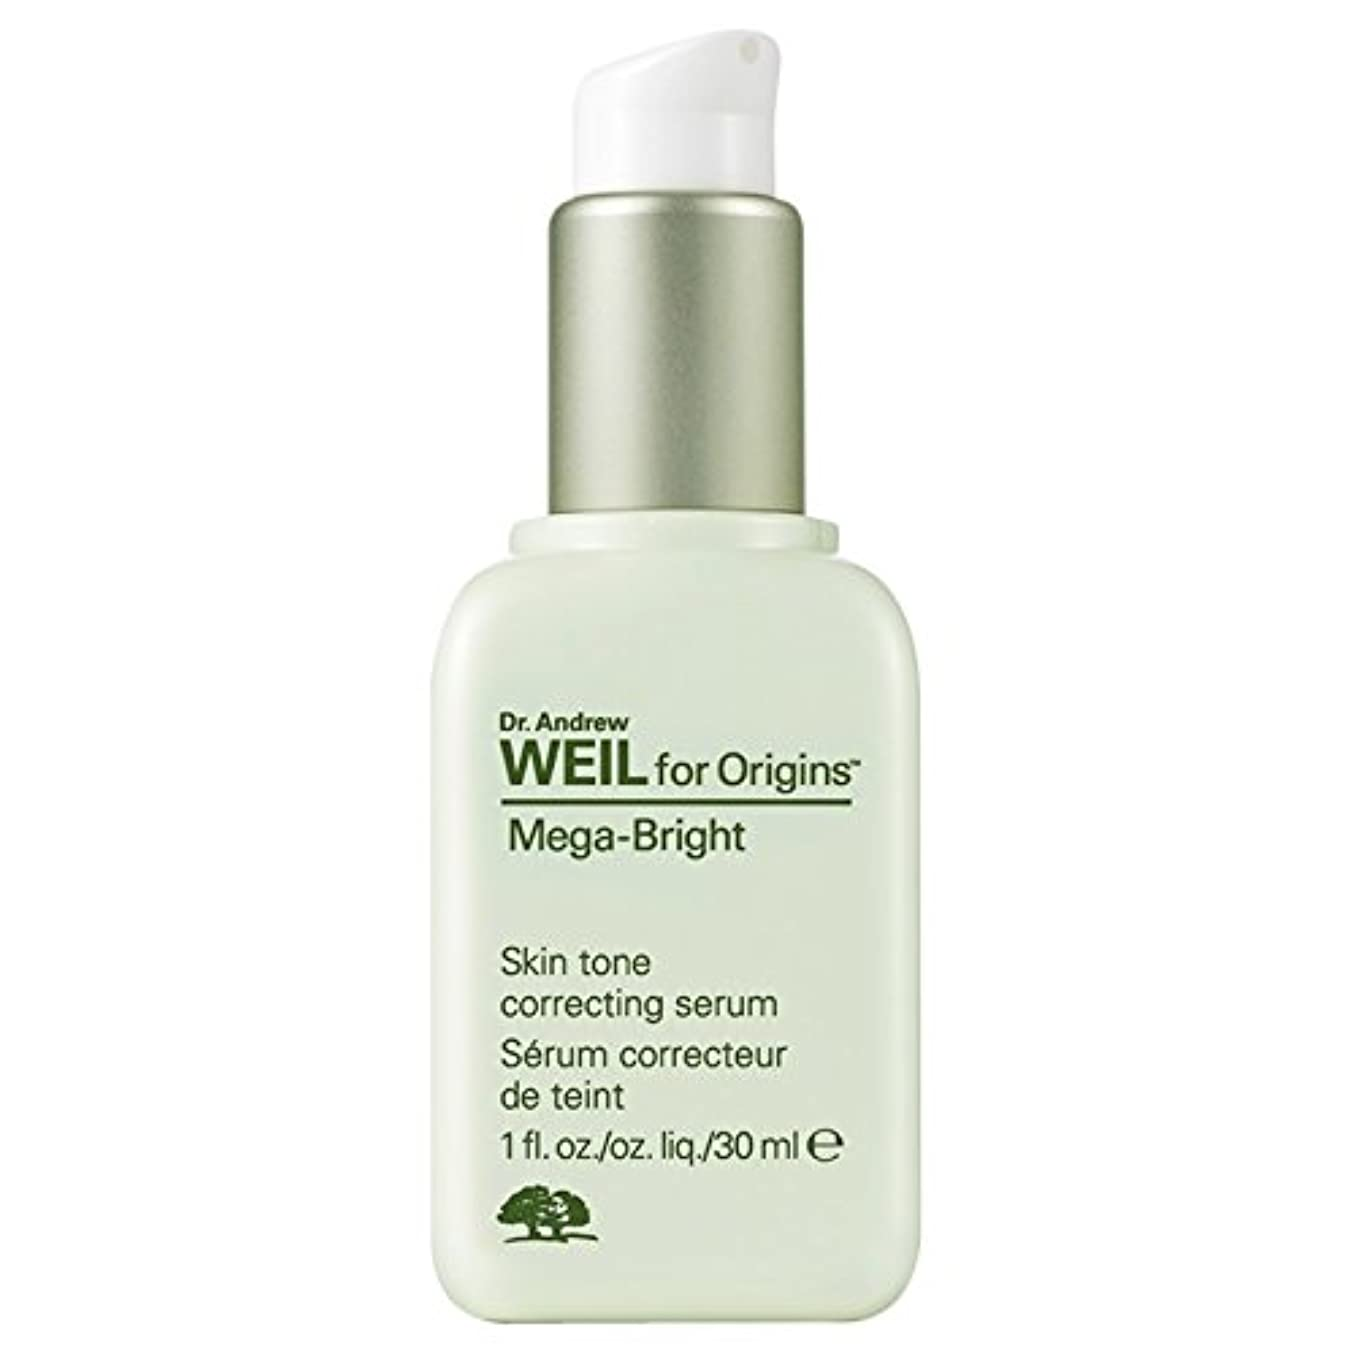 全員スローガン血色の良い起源Dr。アンドルー?ワイル起源のためには、血清50ミリリットルを修正メガ明るい肌のトーンを?します (Origins) (x2) - Origins Dr. Andrew Weil for Origins? Mega-Bright Skin Tone Correcting Serum 50ml (Pack of 2) [並行輸入品]